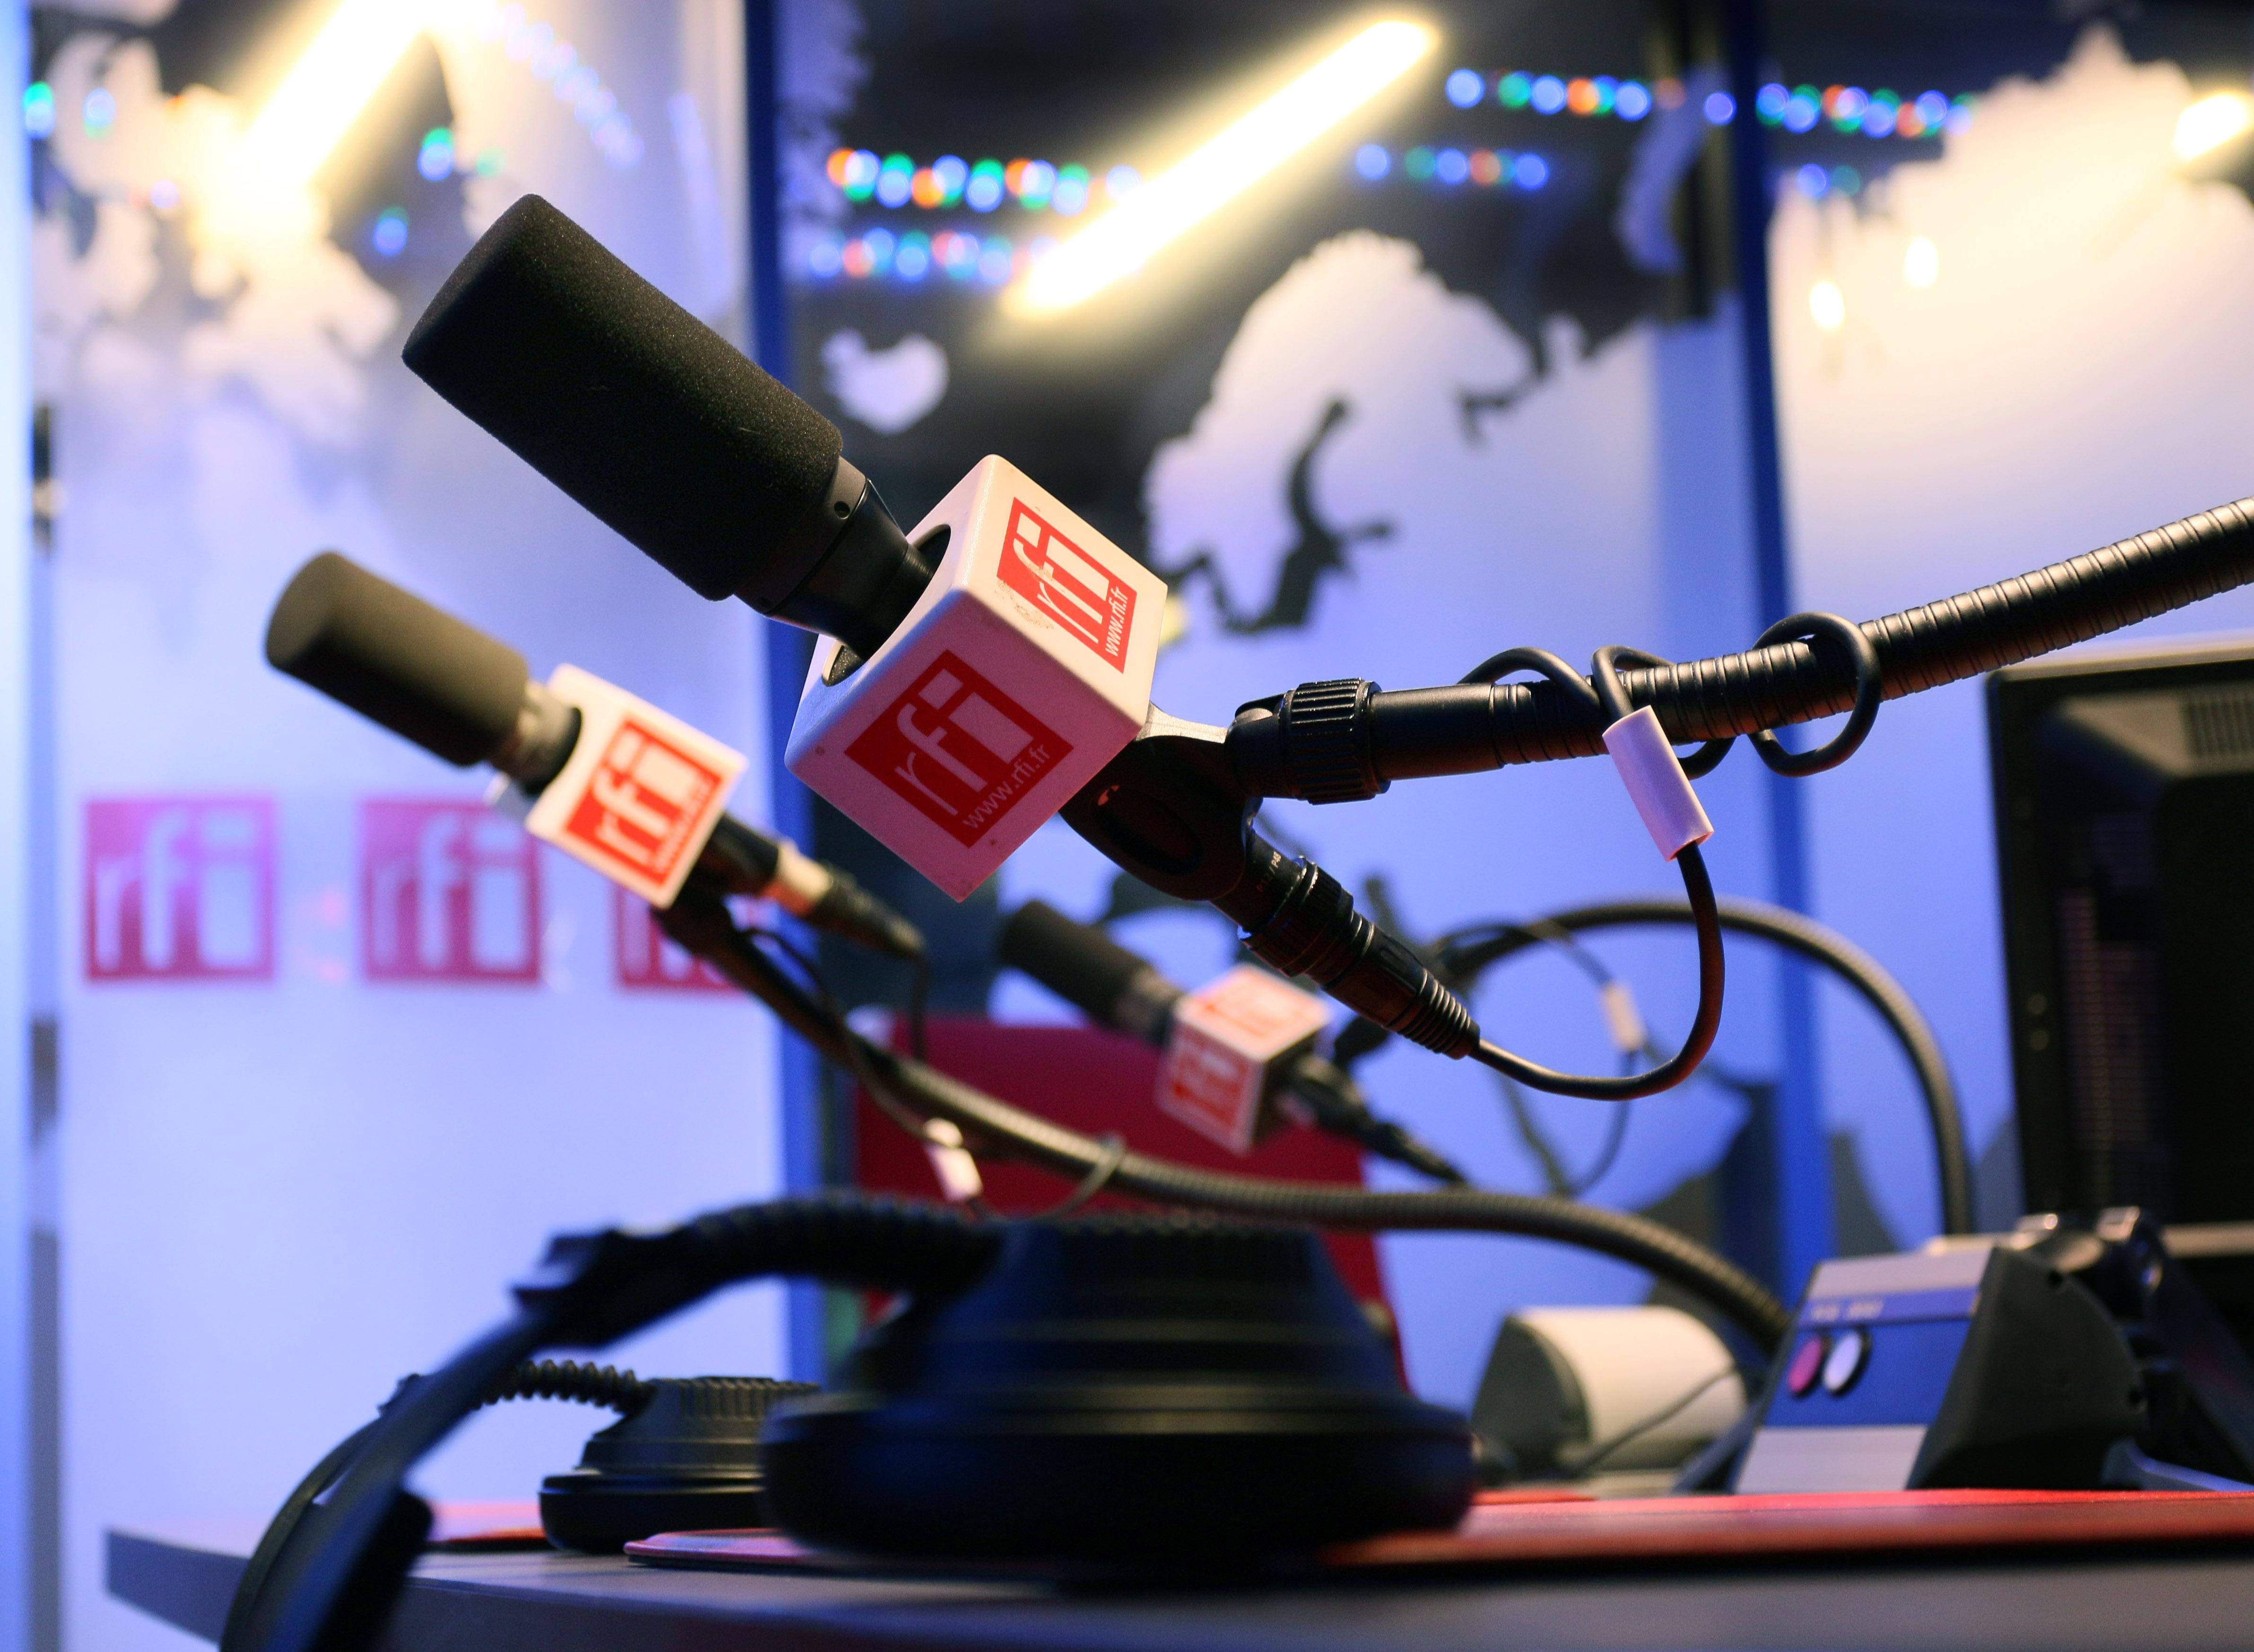 Audience numérique en hausse pour RFI